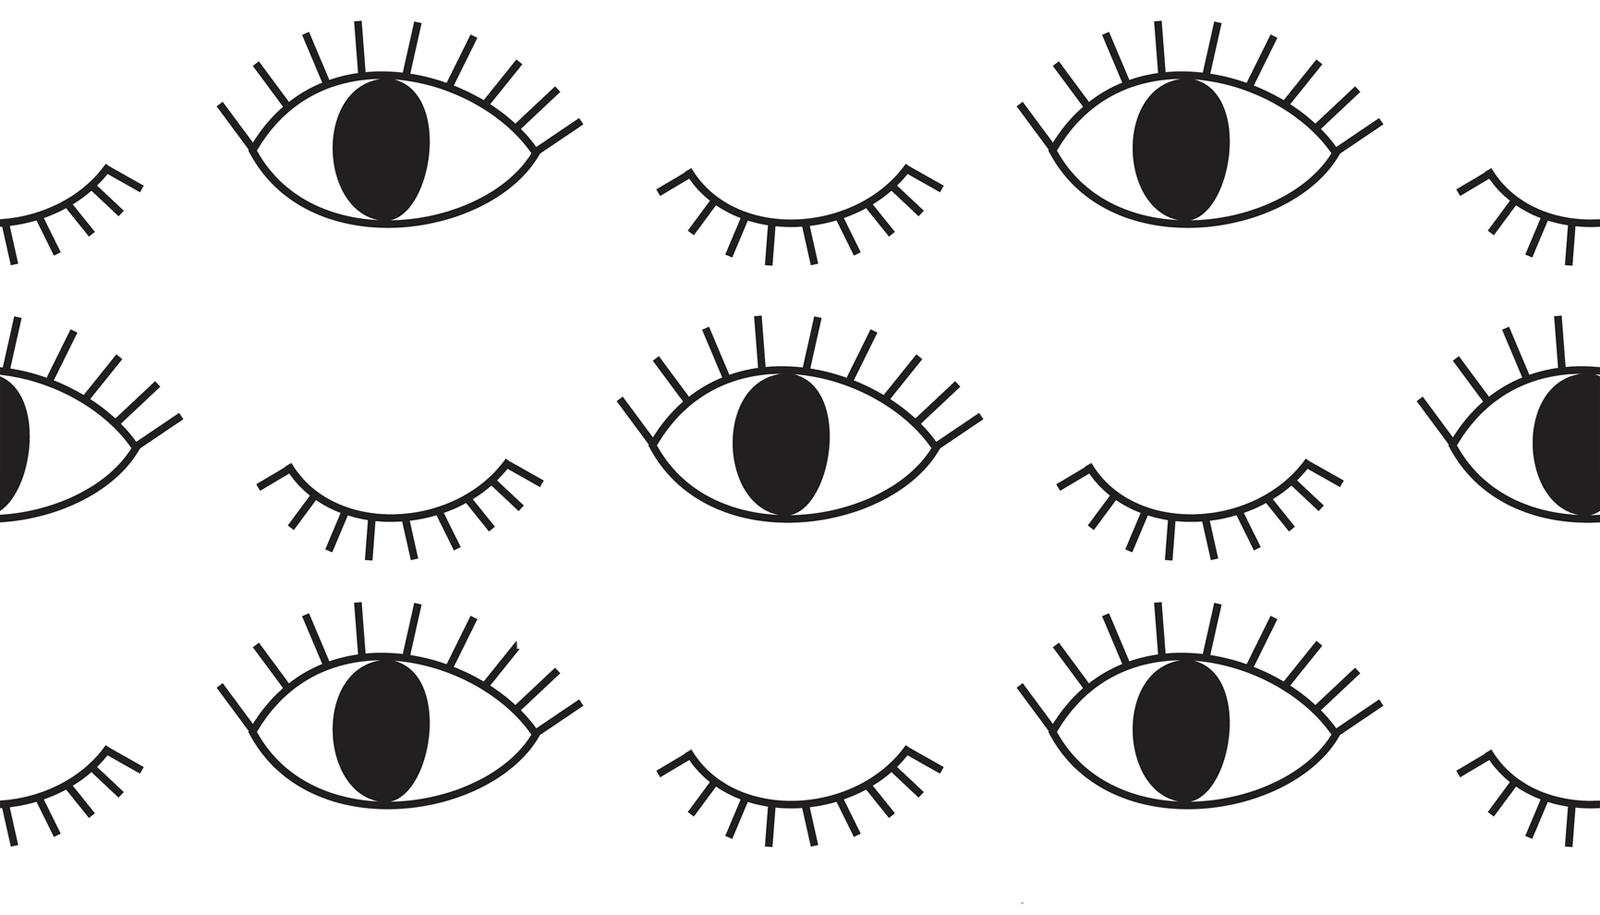 rapid eye blink rate poker tell